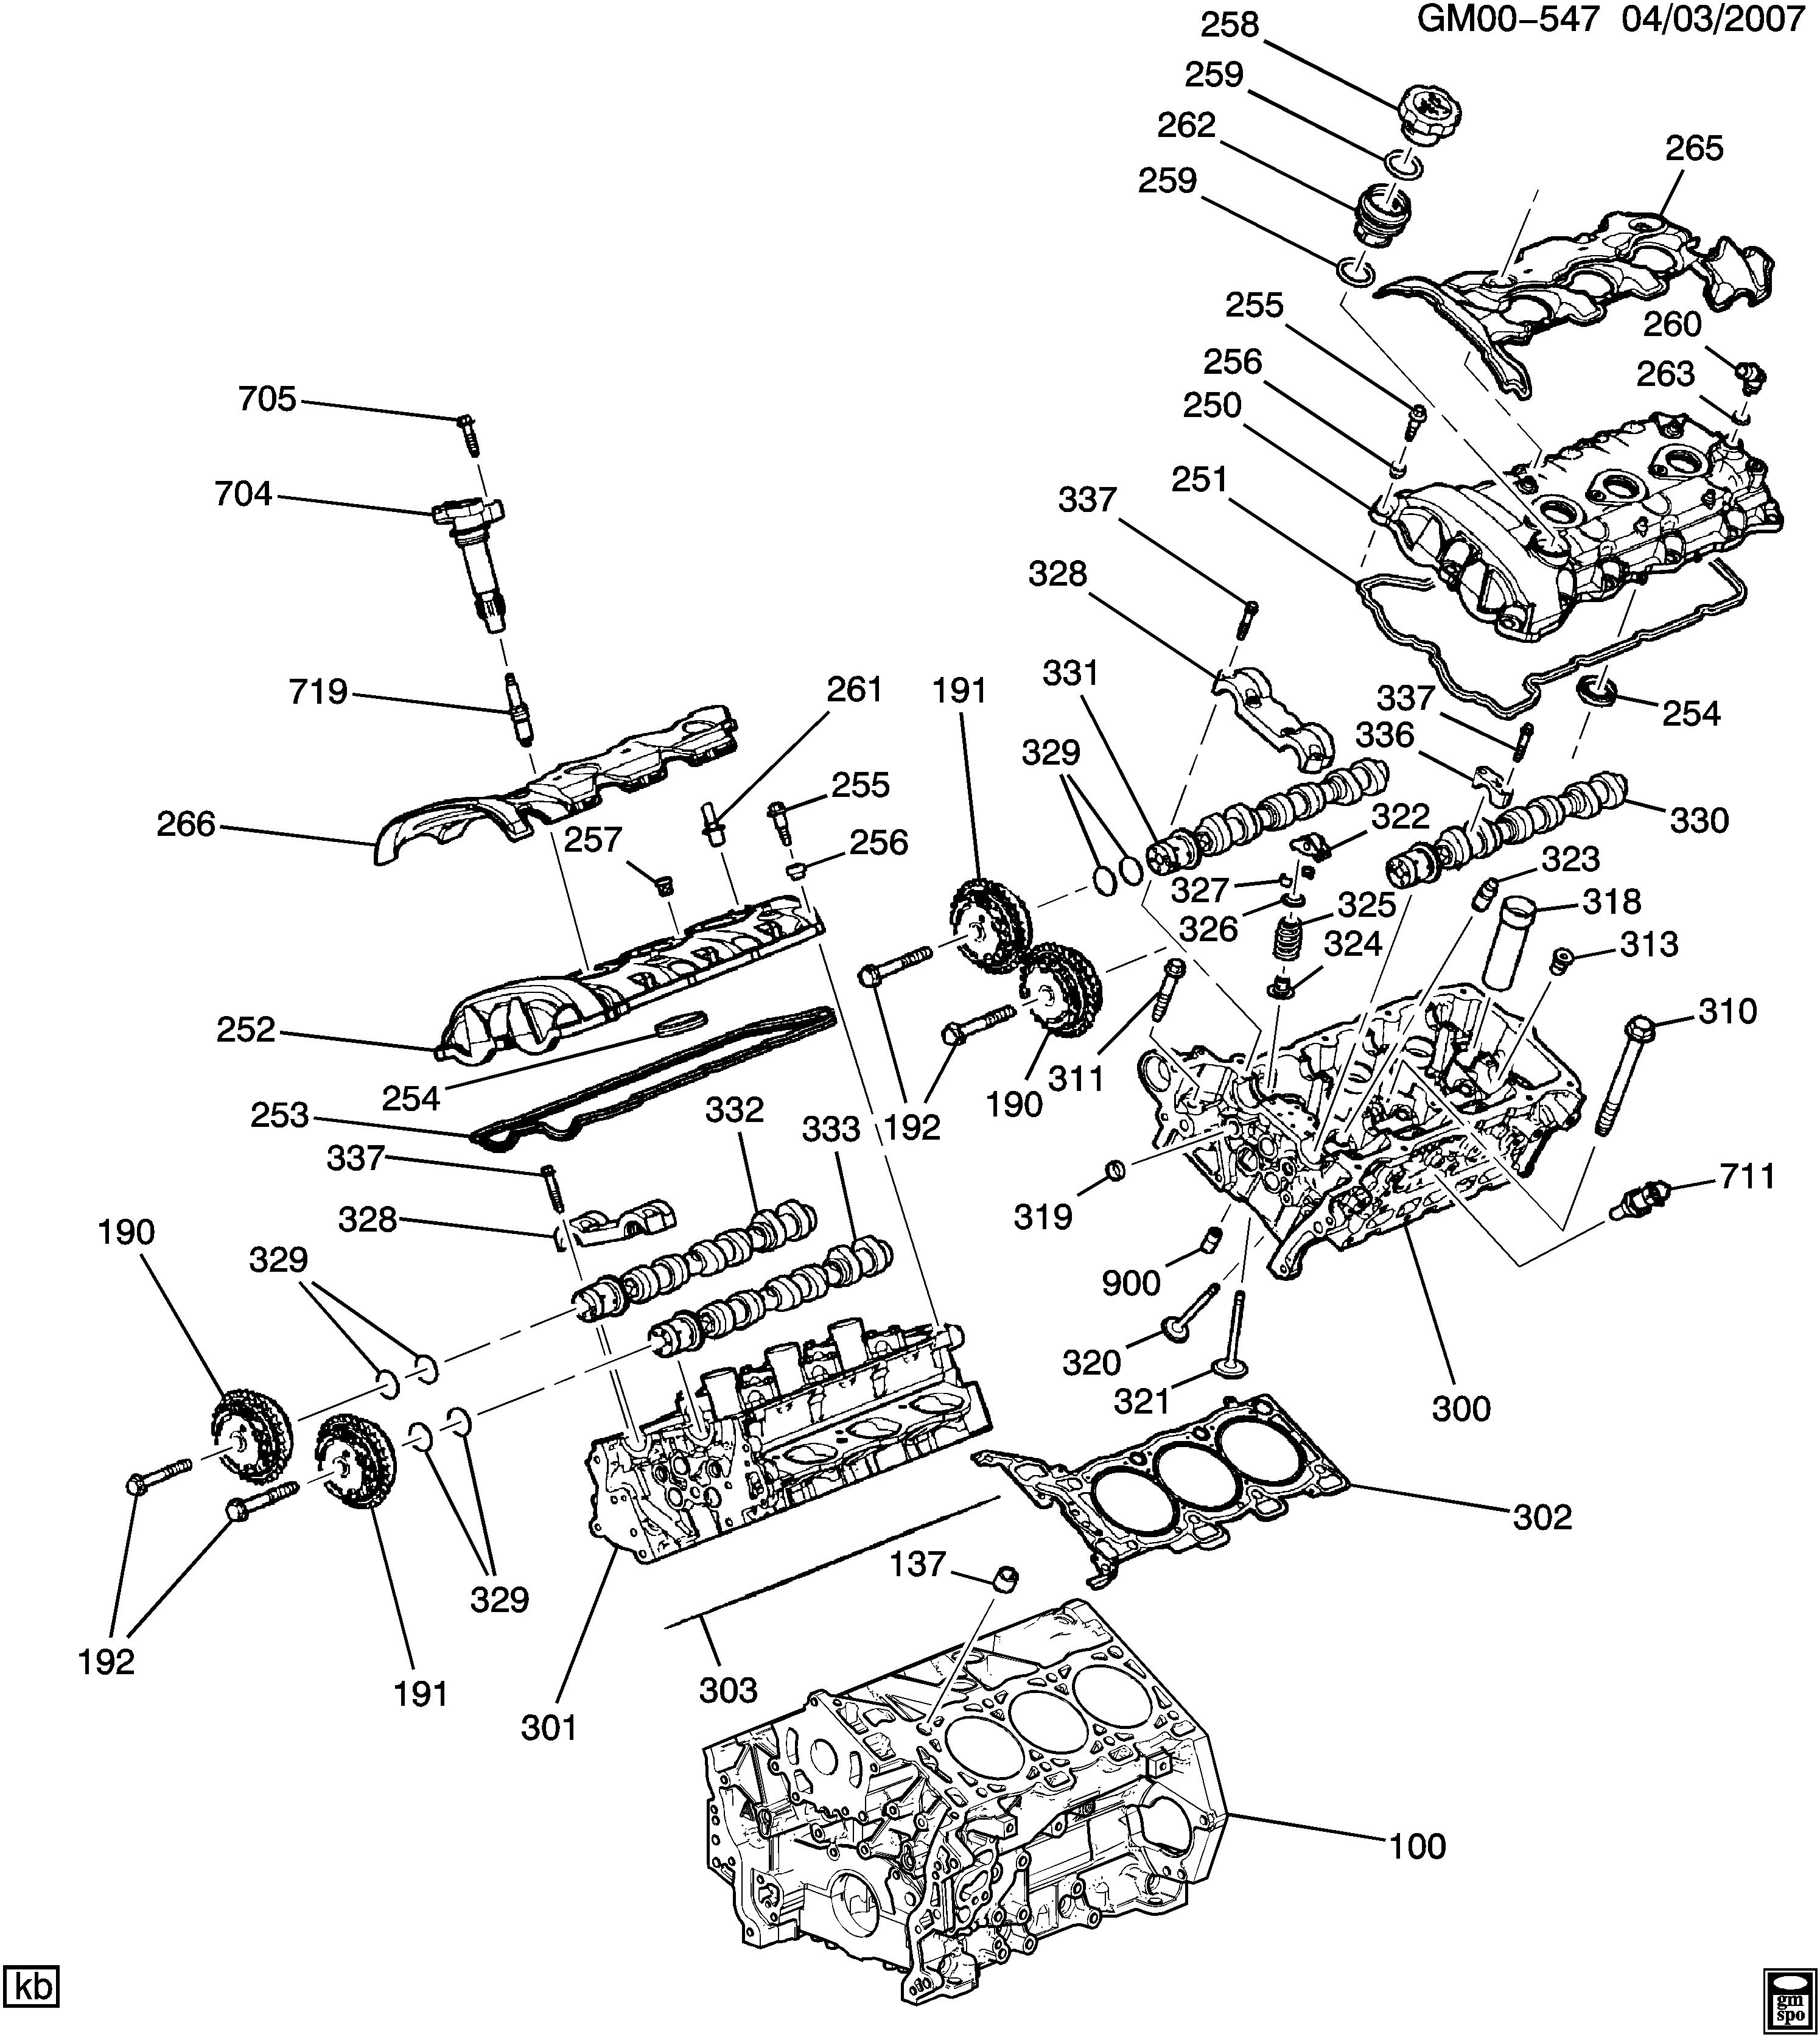 traverse engine diagram traverse  2wd  engine asm 3 6l v6 part 2 cylinder head   related  engine asm 3 6l v6 part 2 cylinder head